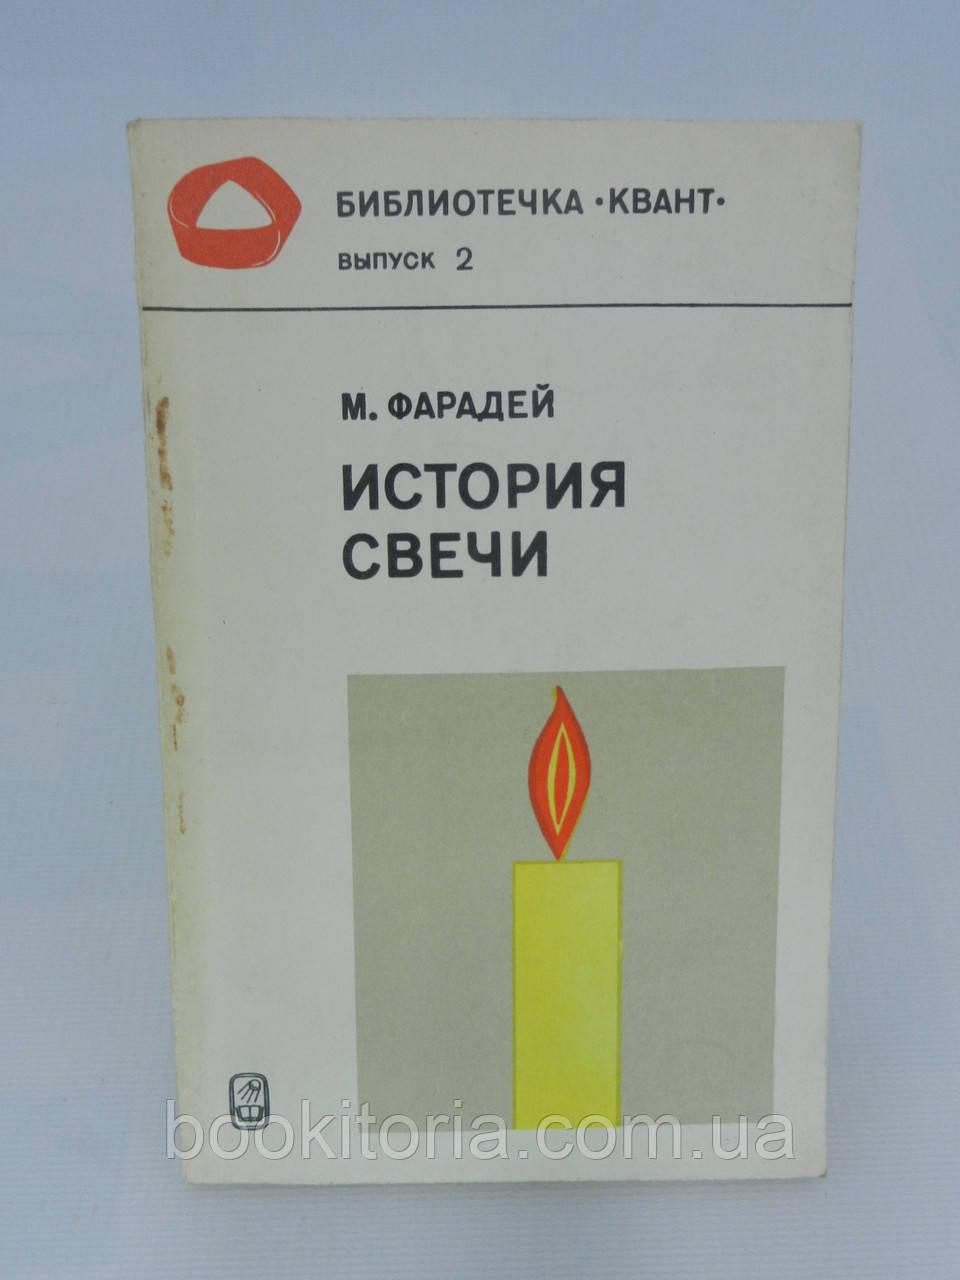 Фарадей М. История свечи (б/у)., фото 1